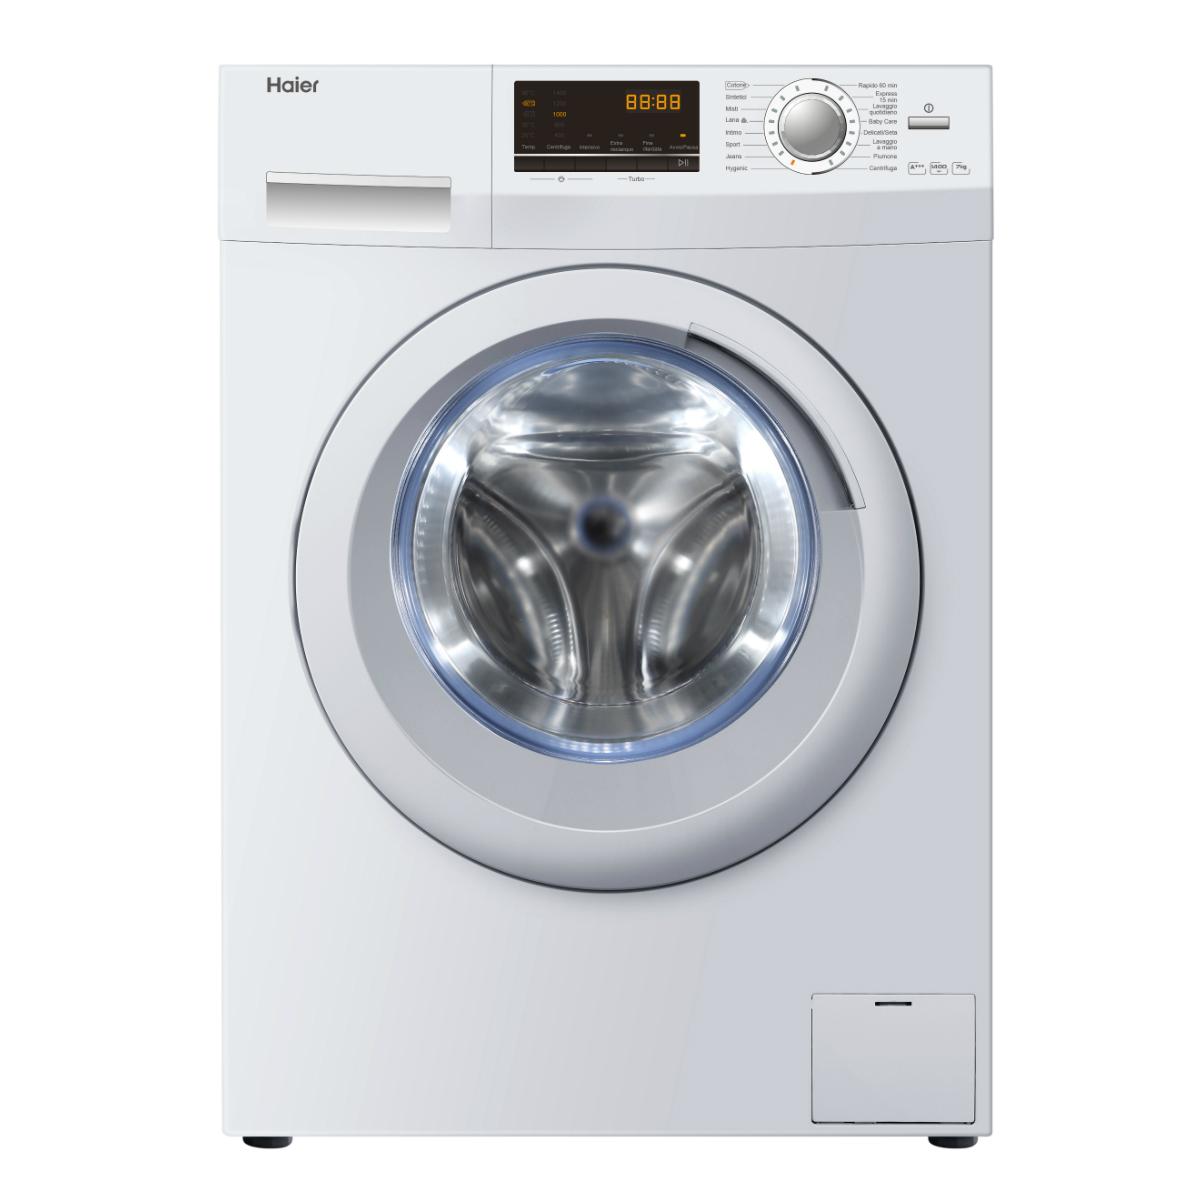 Lavatrice haier hw70 14636 caratteristiche lavatrice for Peso lavatrice